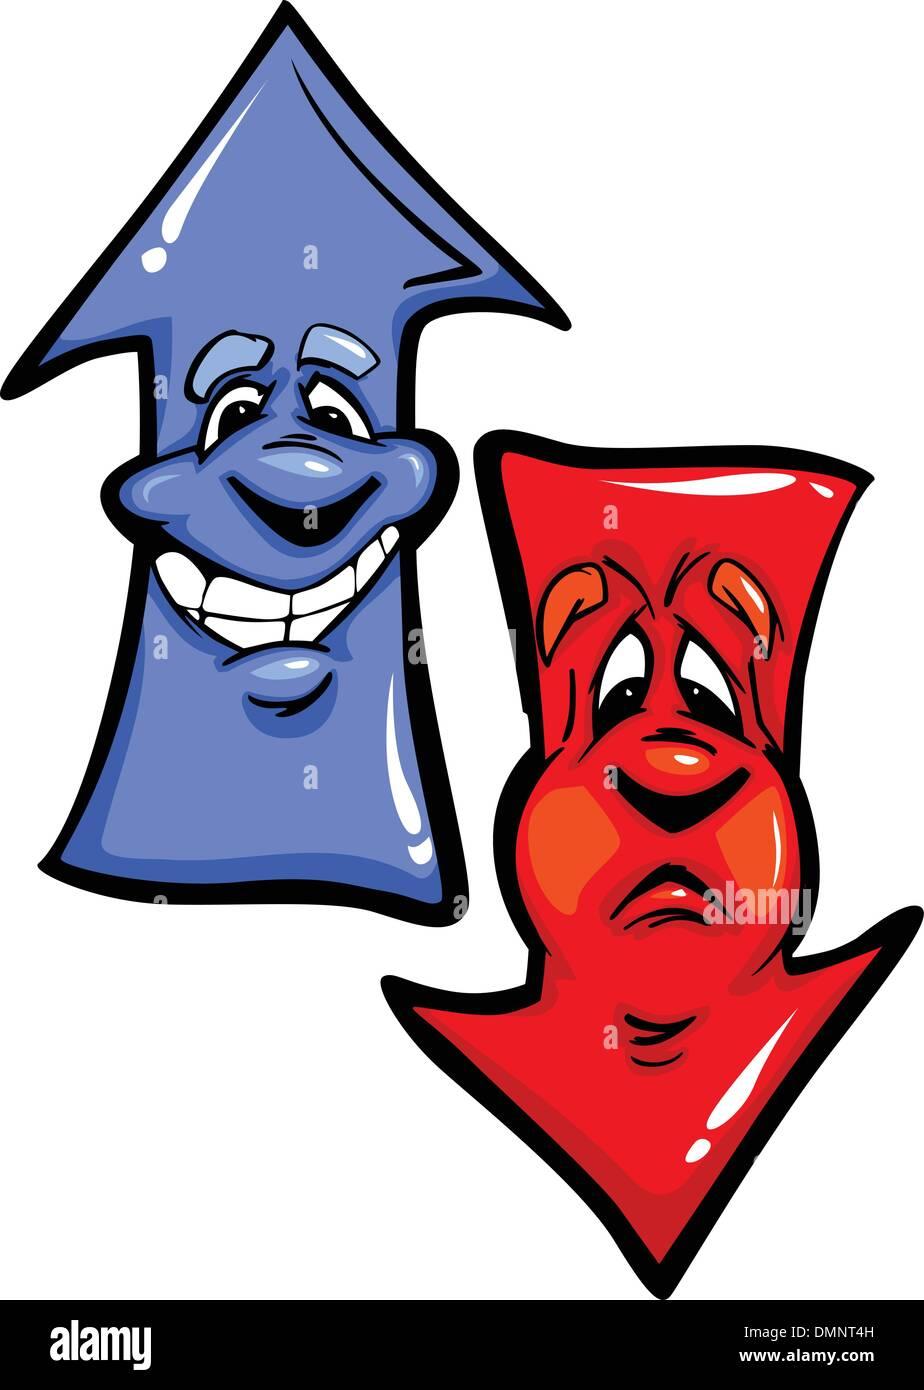 Happy Up Arrow and Unhappy Down Arrow Cartoon Vector Illustratio - Stock Image